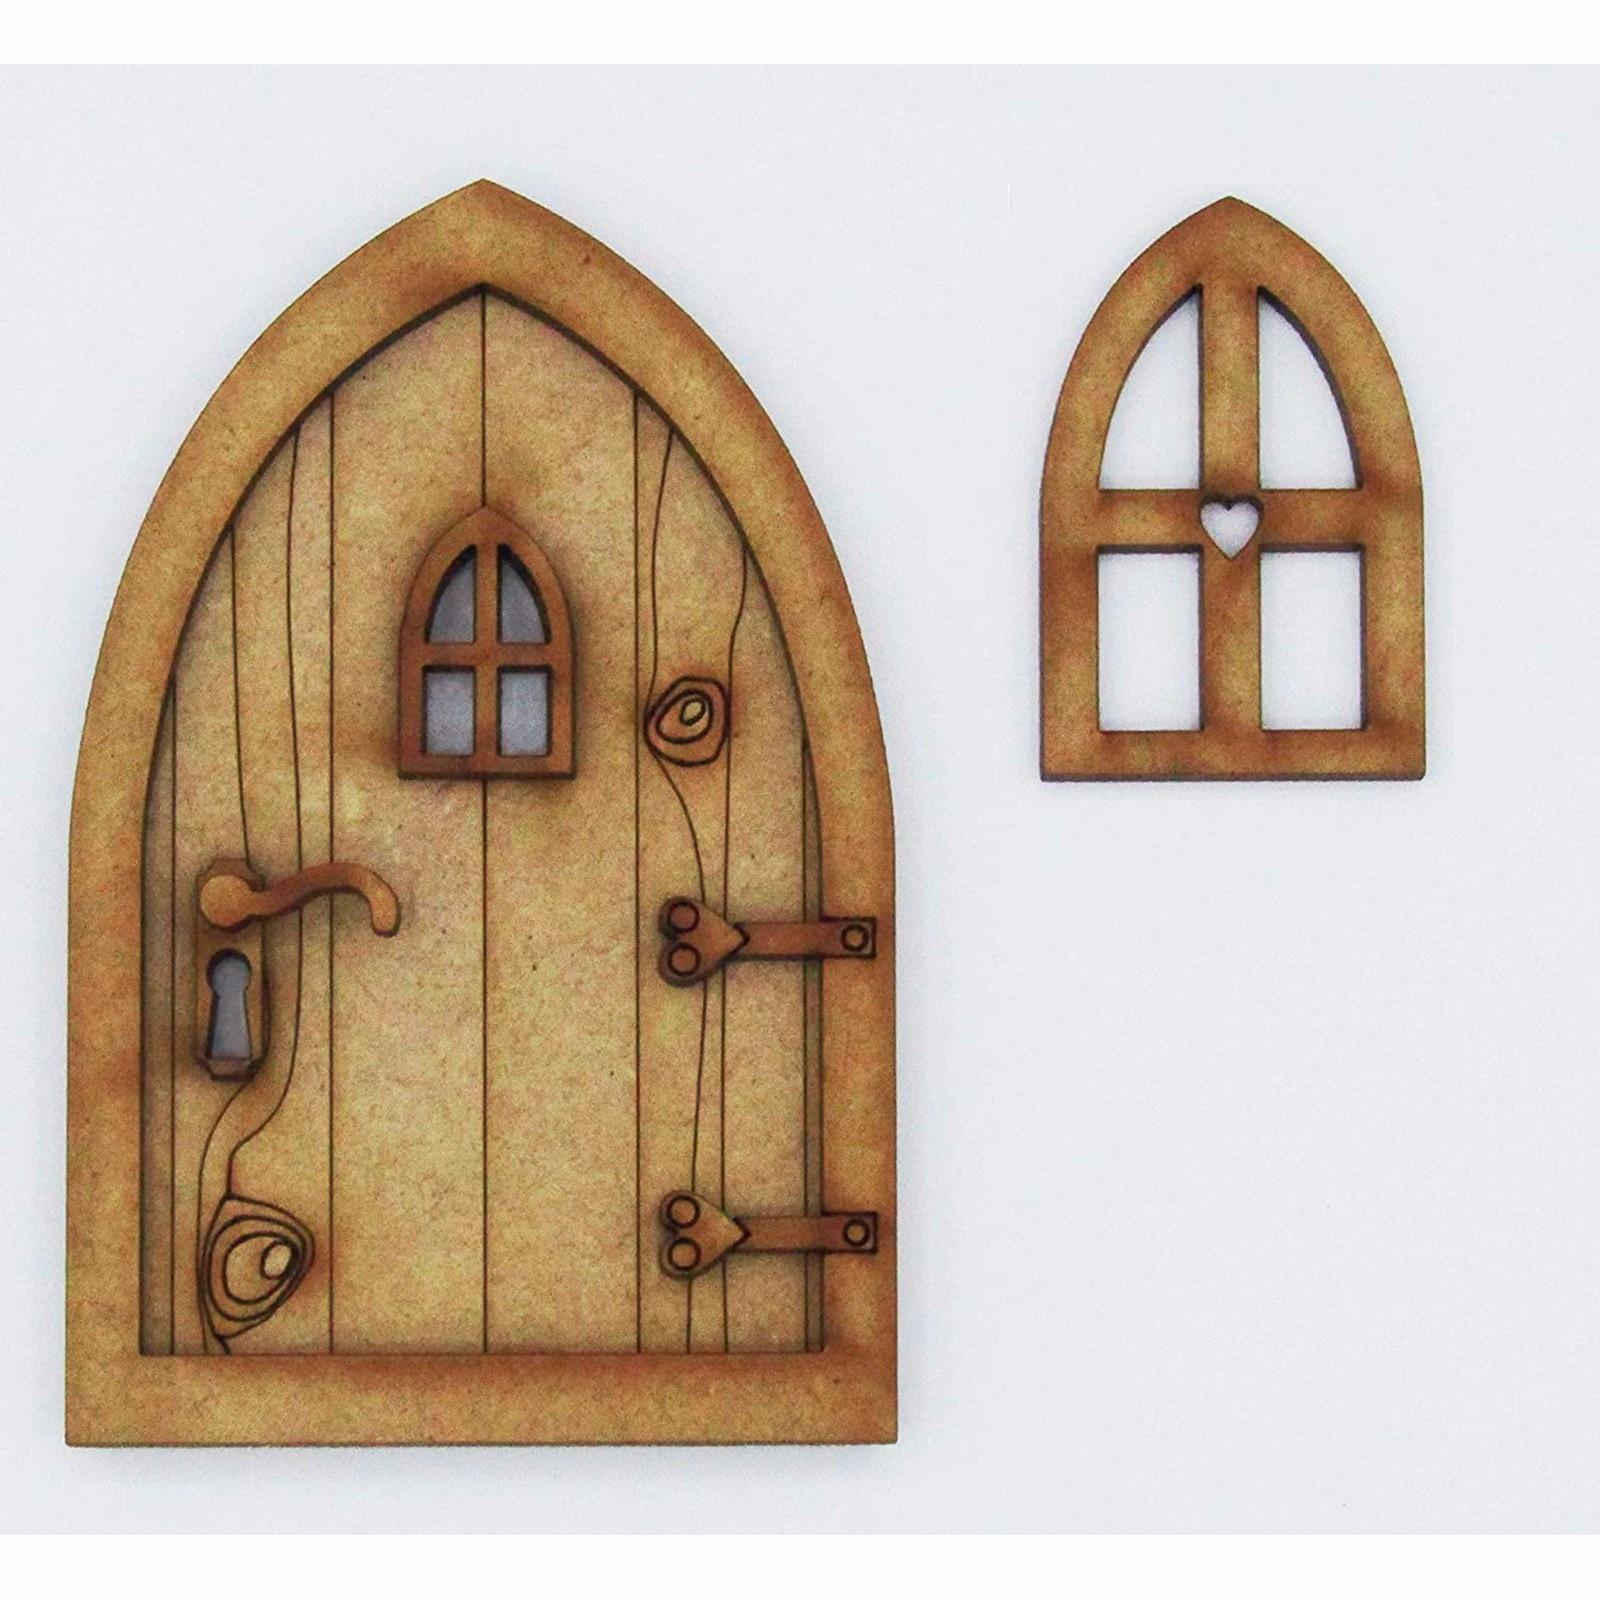 Набор для творчества с деревянной дверью сказочного эльфа, Рождественское украшение для двери, винтажное миниатюрное украшение для сказоч...